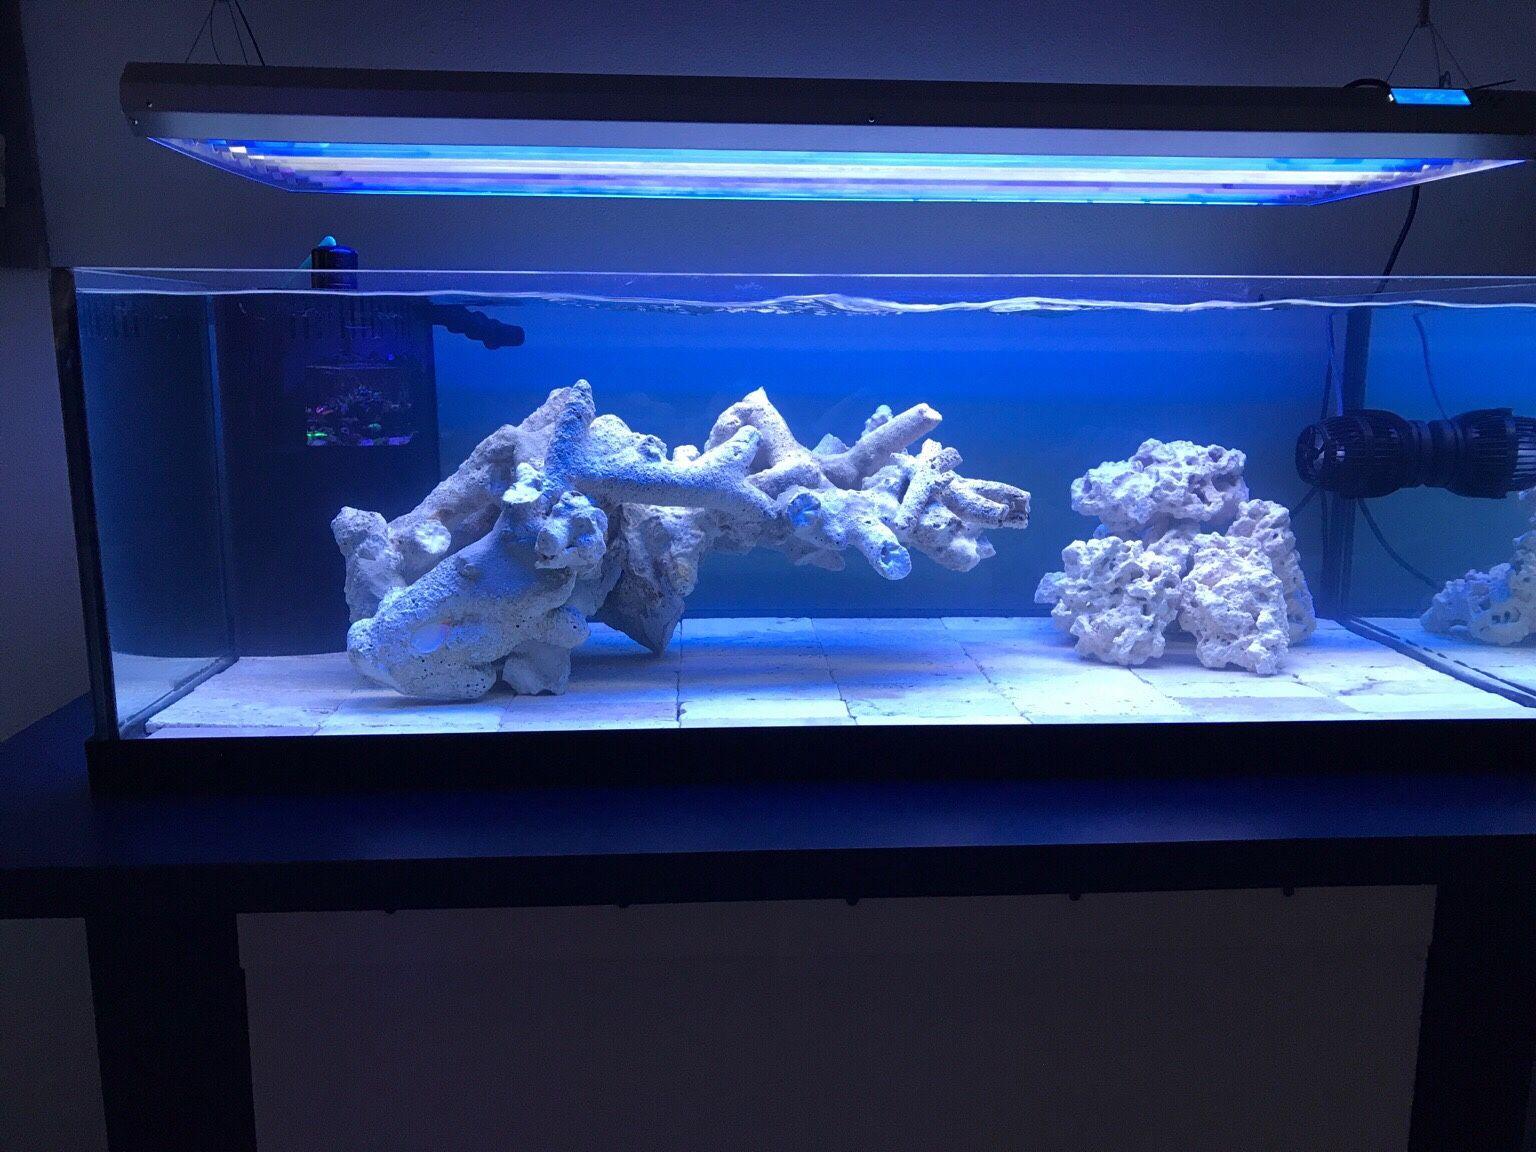 Pin On Saltwater Fish Tanks